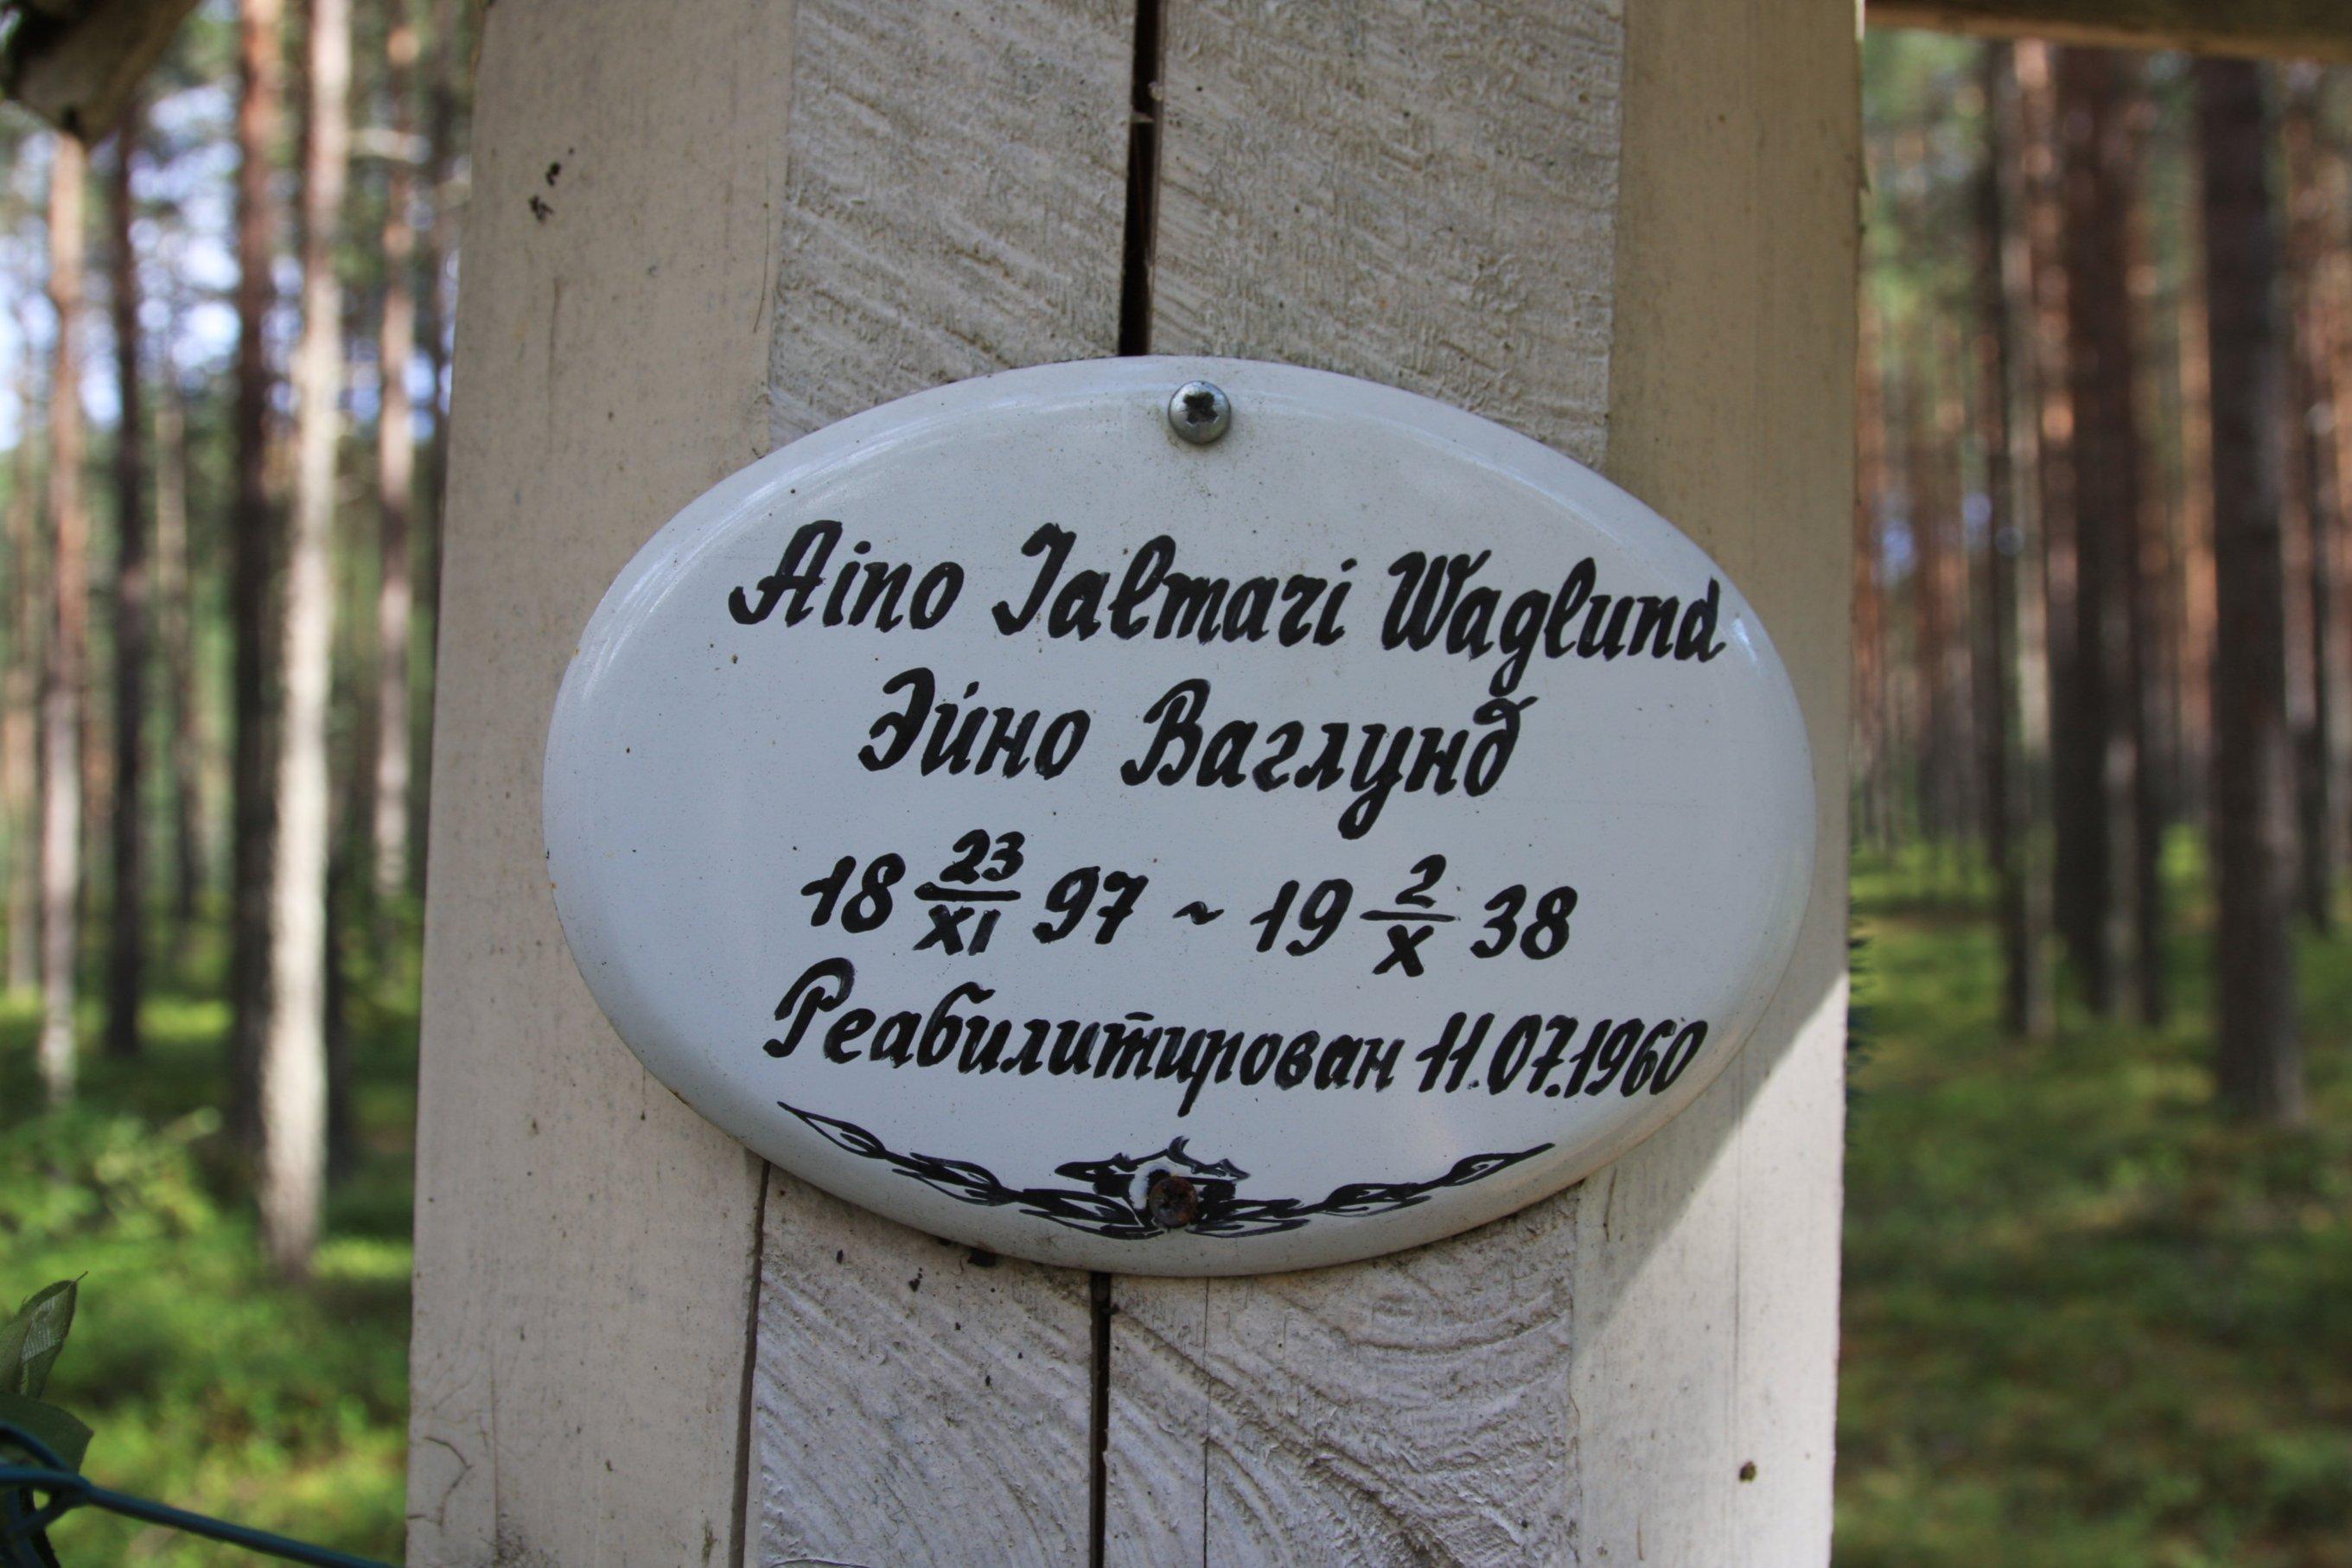 Памятная табличка «Aino Jalmari Waglund». Фото 04.08.2018.